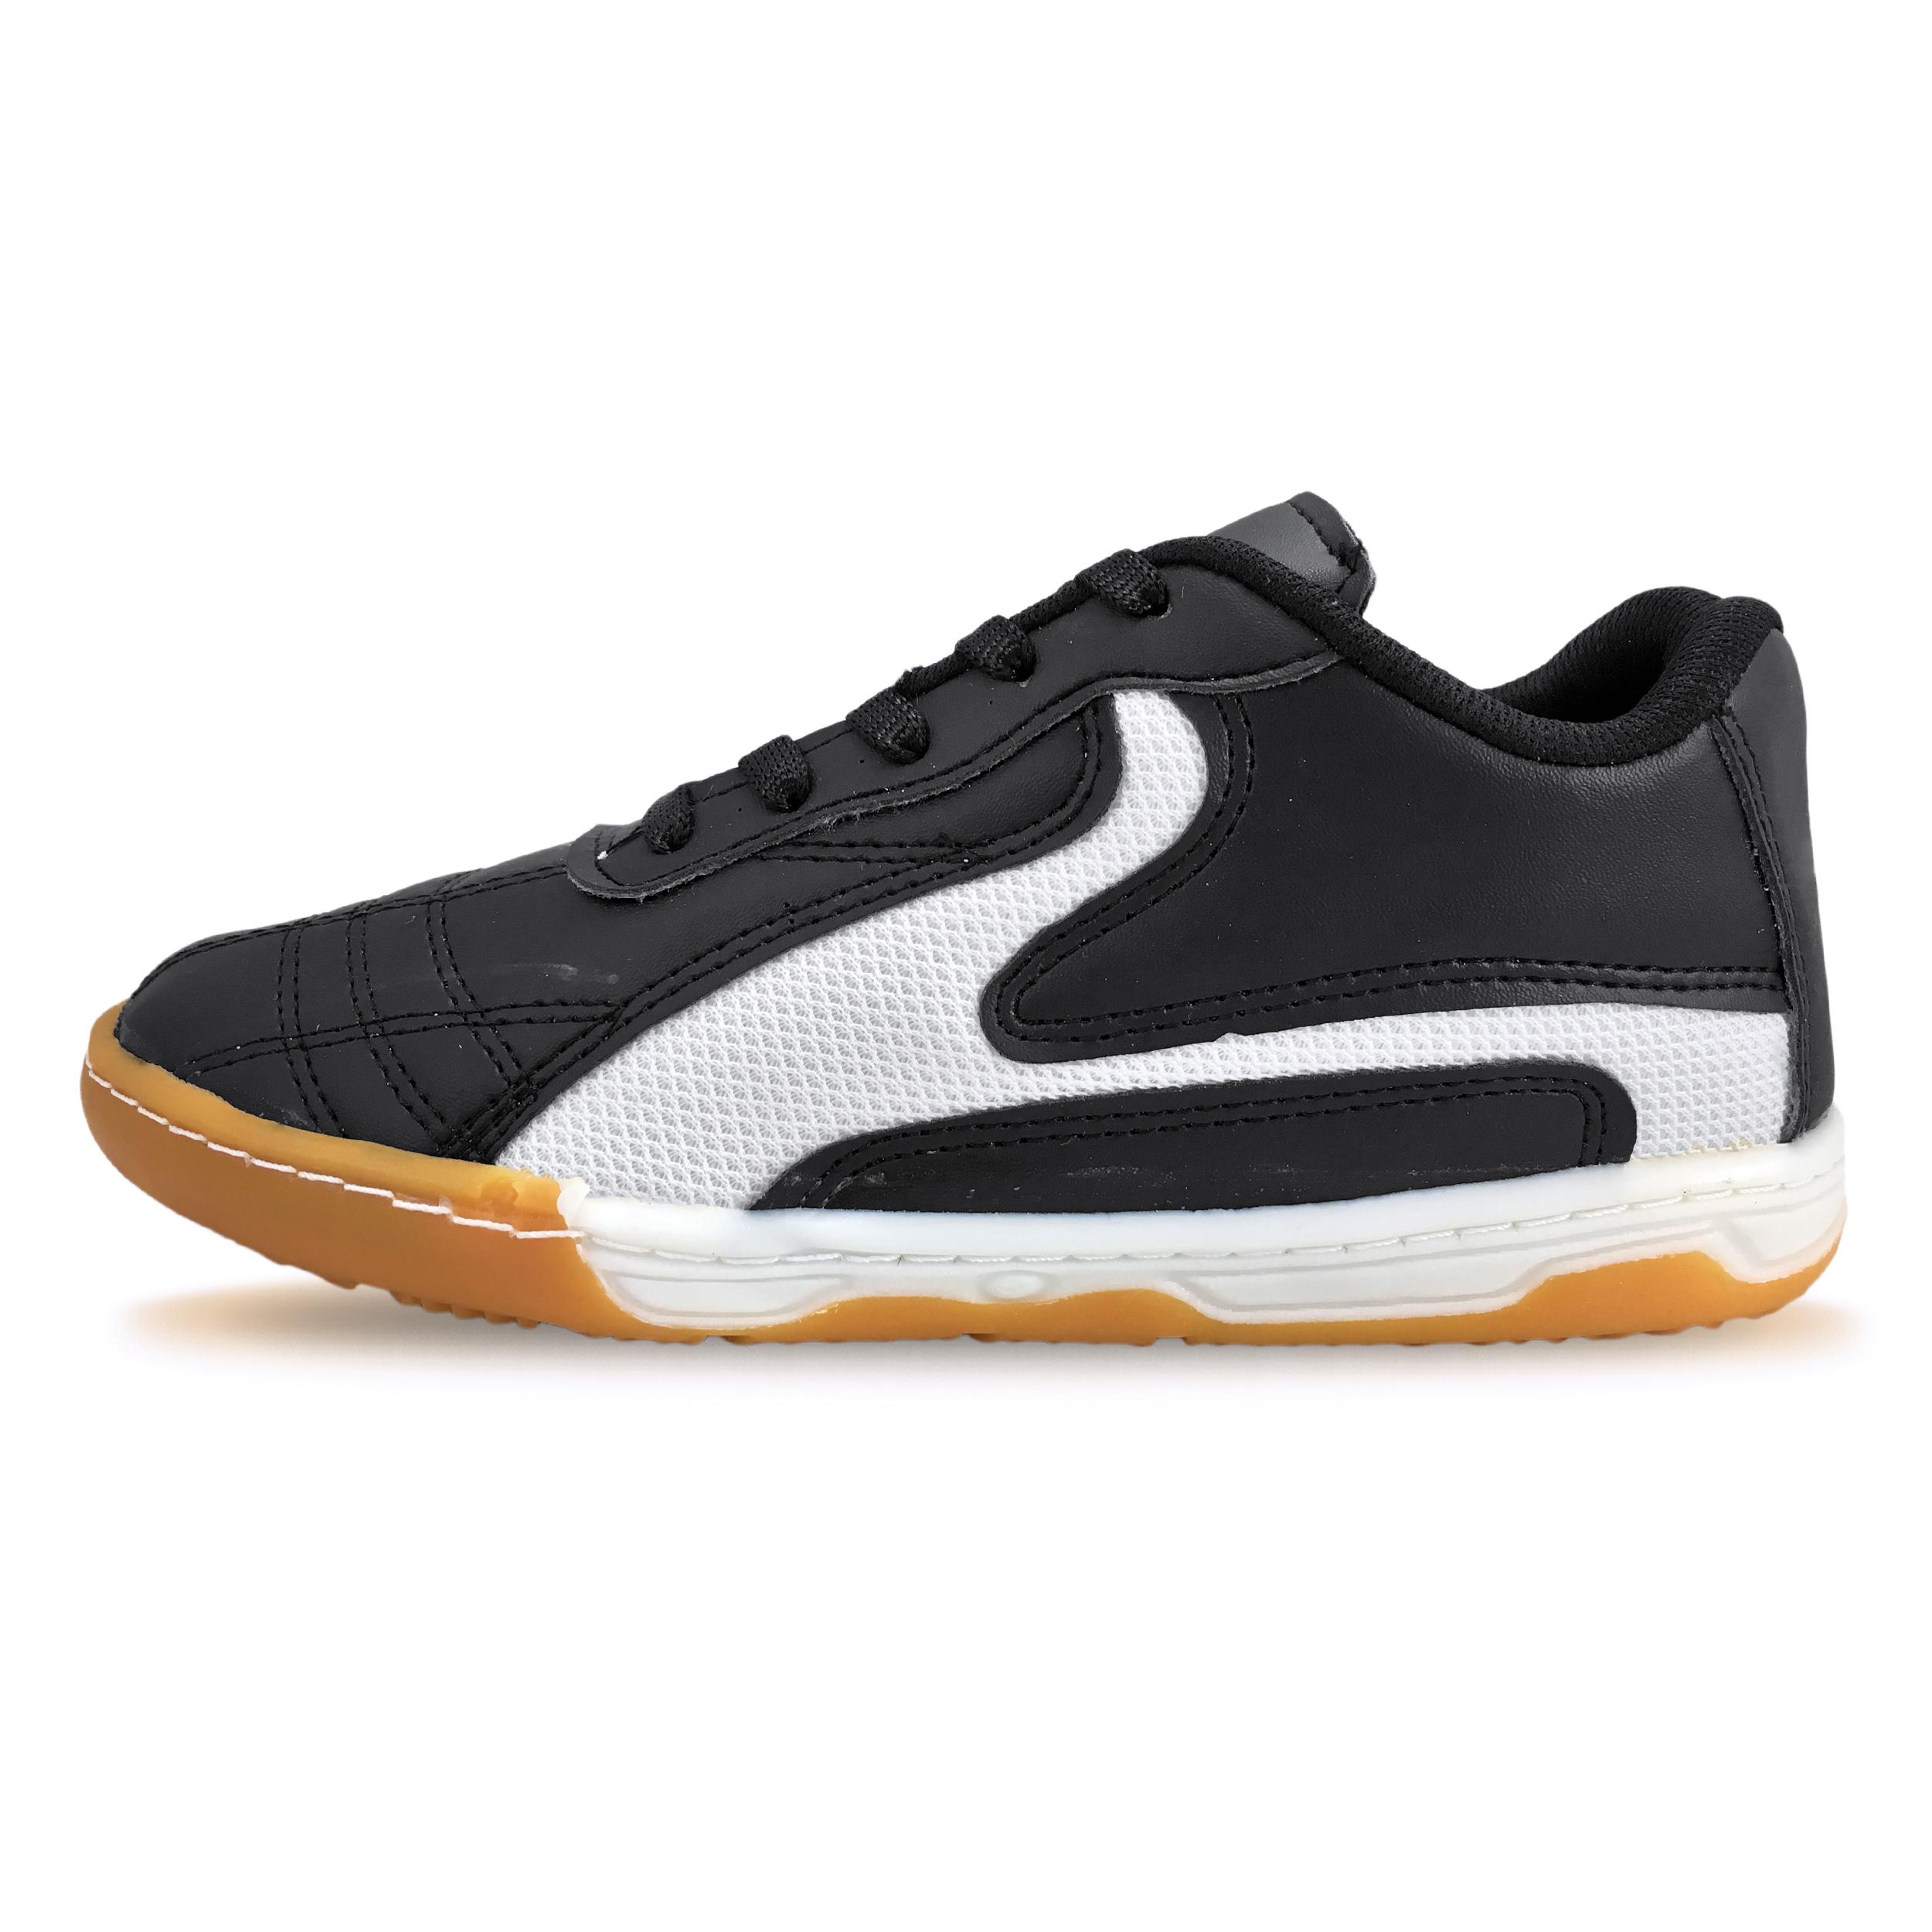 قیمت کفش فوتسال مردانه مدل کاپ کد 3790